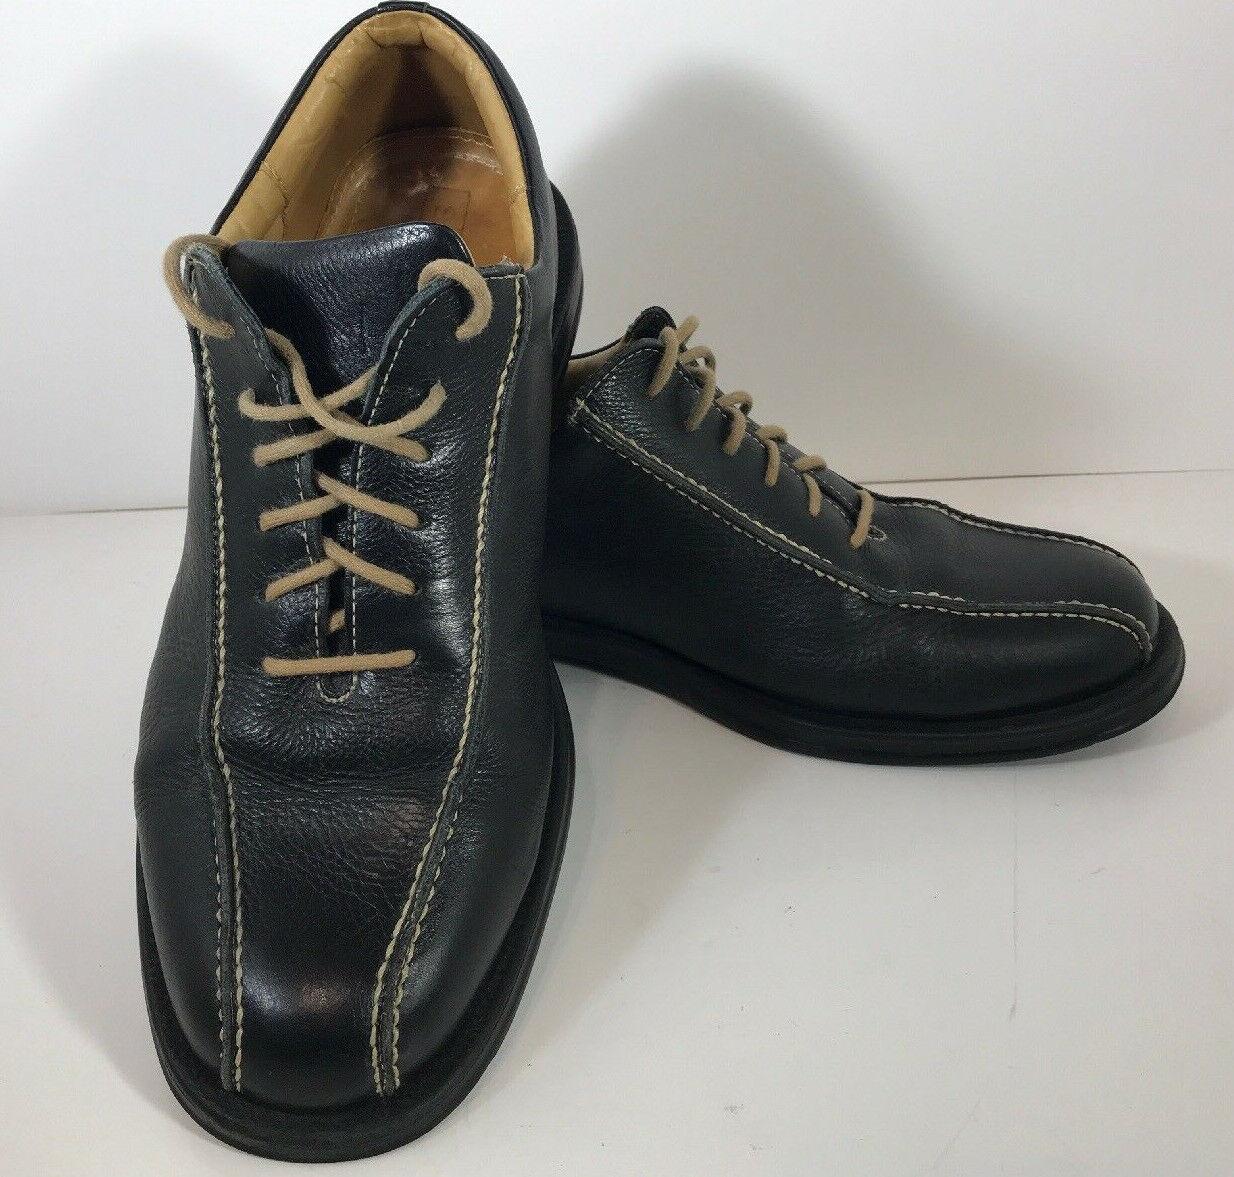 Sandro Oxford Spilt Toe ComfortWalk Men5 Black Lace Up shoes 9.5 D